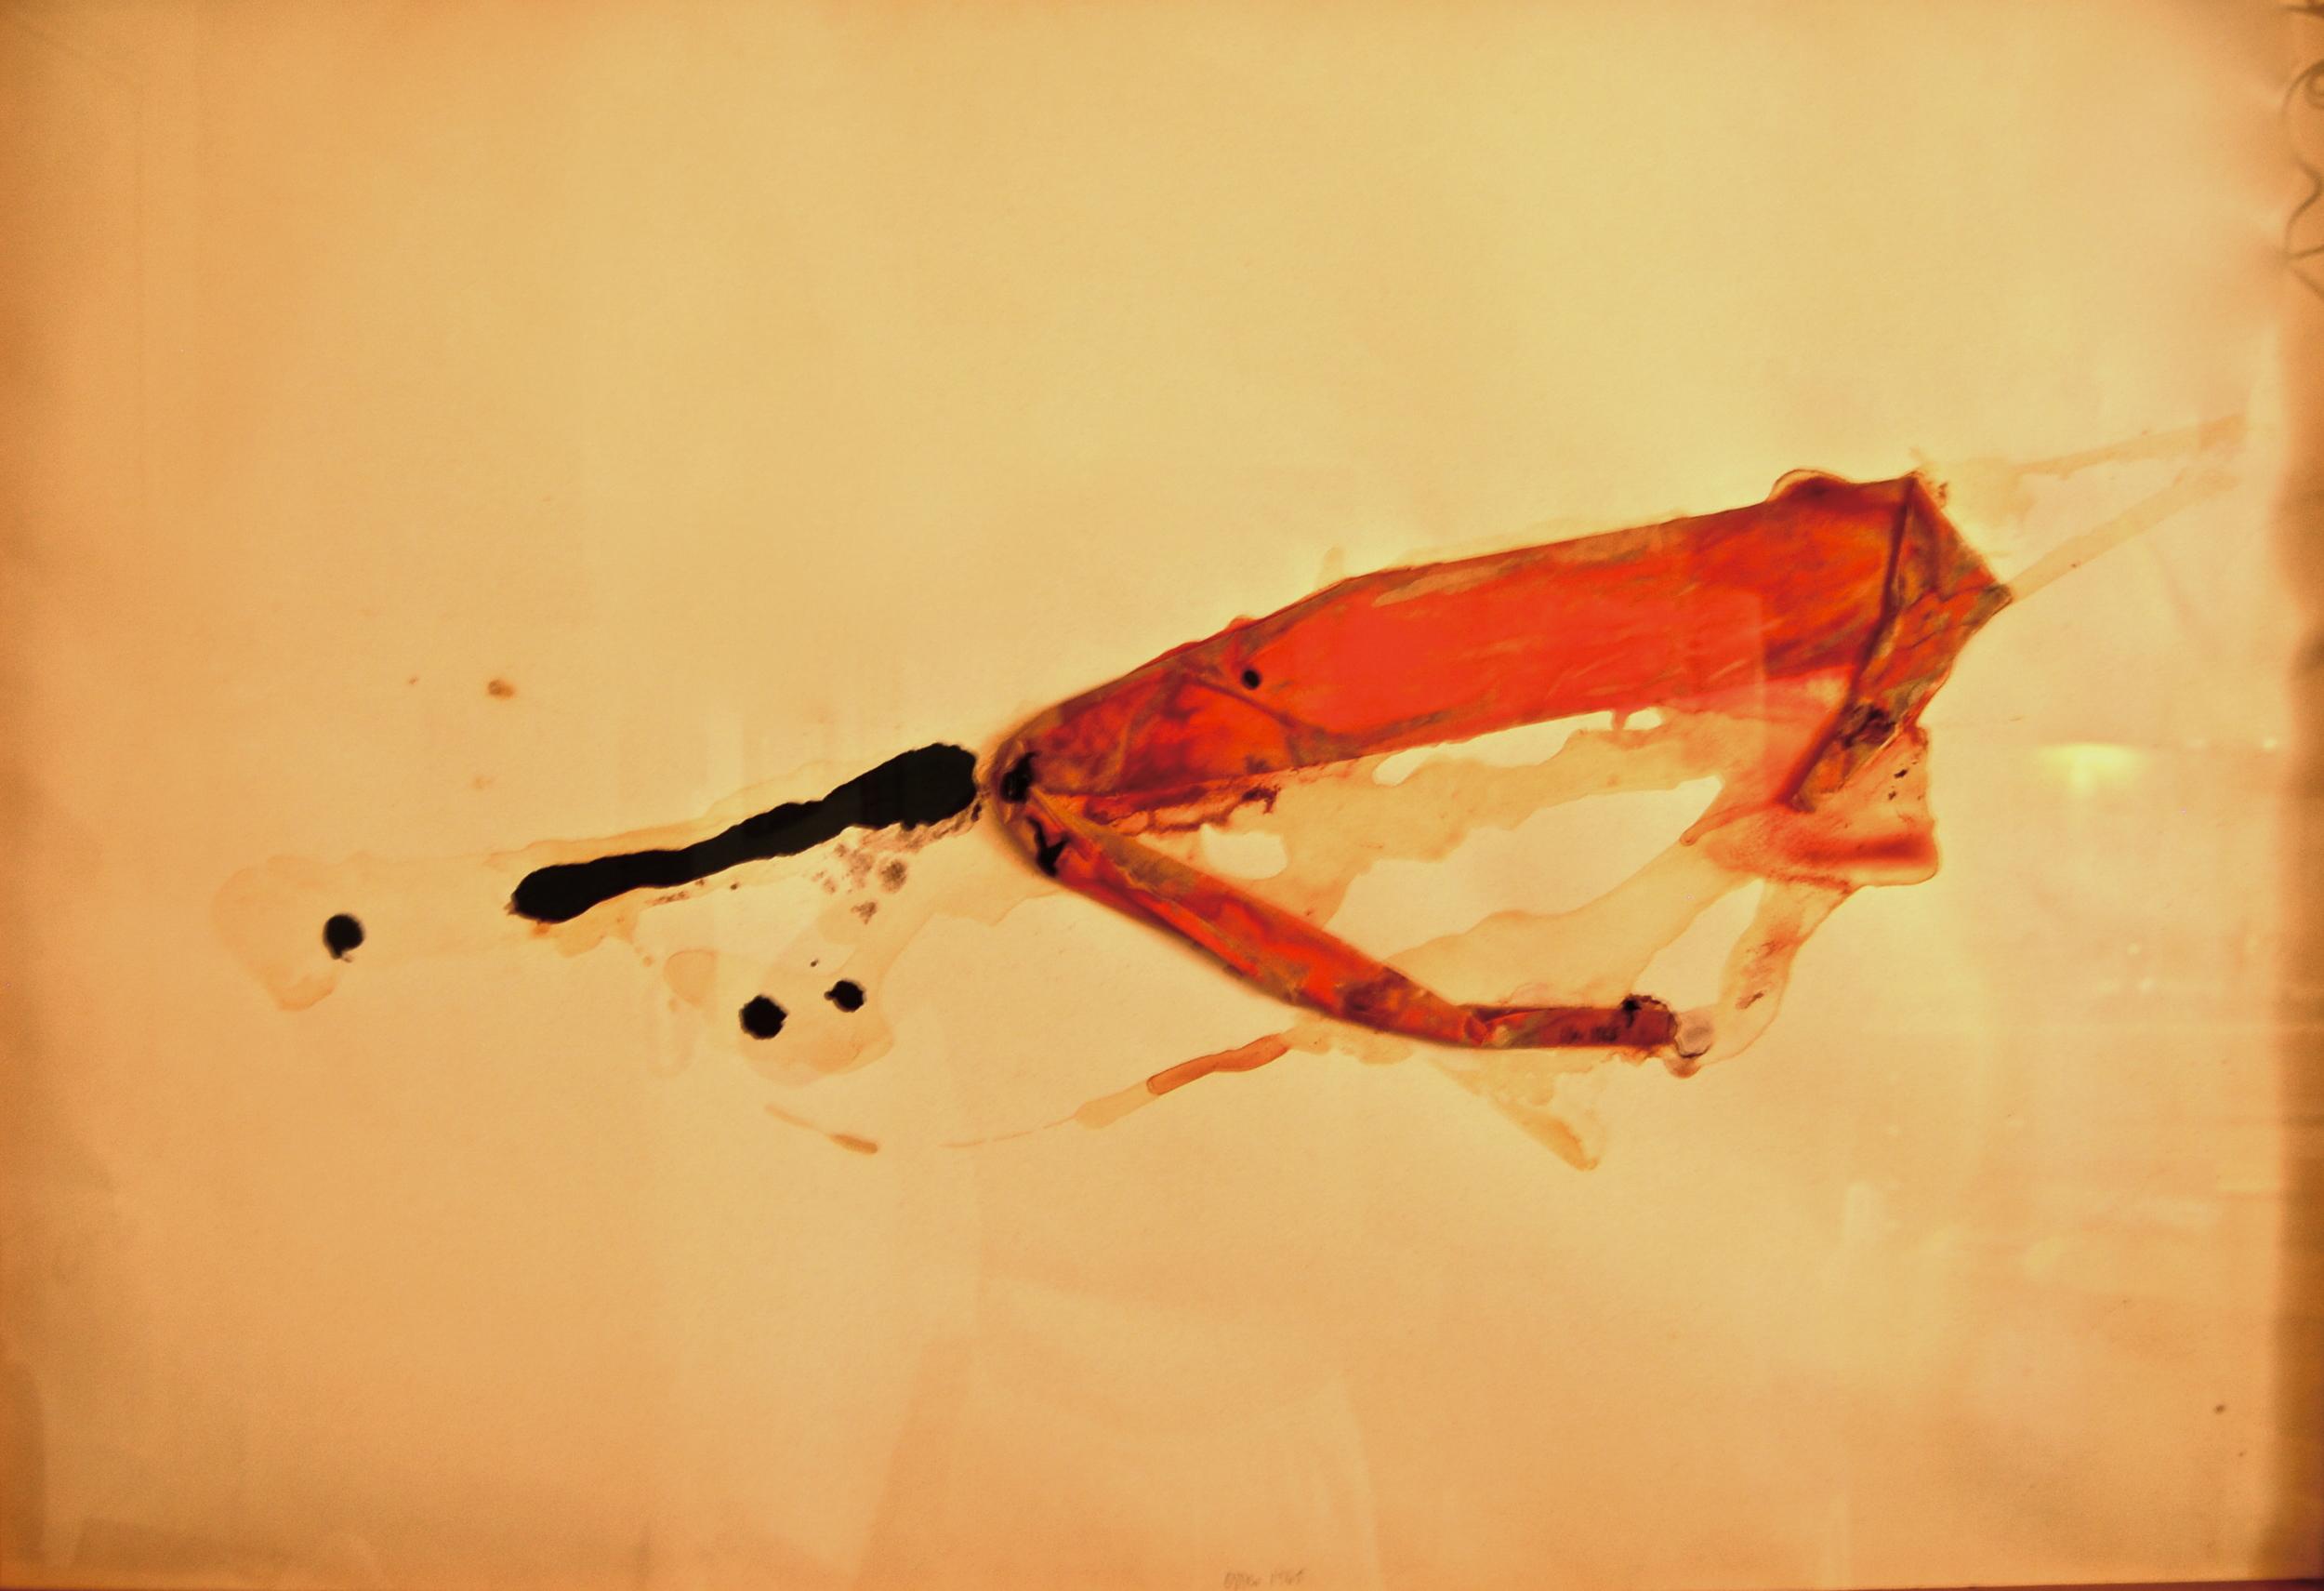 """senza titolo, dalla serie """"Gioco come gioco"""", 1990, tempera sintetica e colla su carta Fabriano, cm 57 x 76  untitled, from the series """"Gioco come gioco"""", 1990, synthetic tempera and glue on Fabriano paper, cm 57 x 76"""